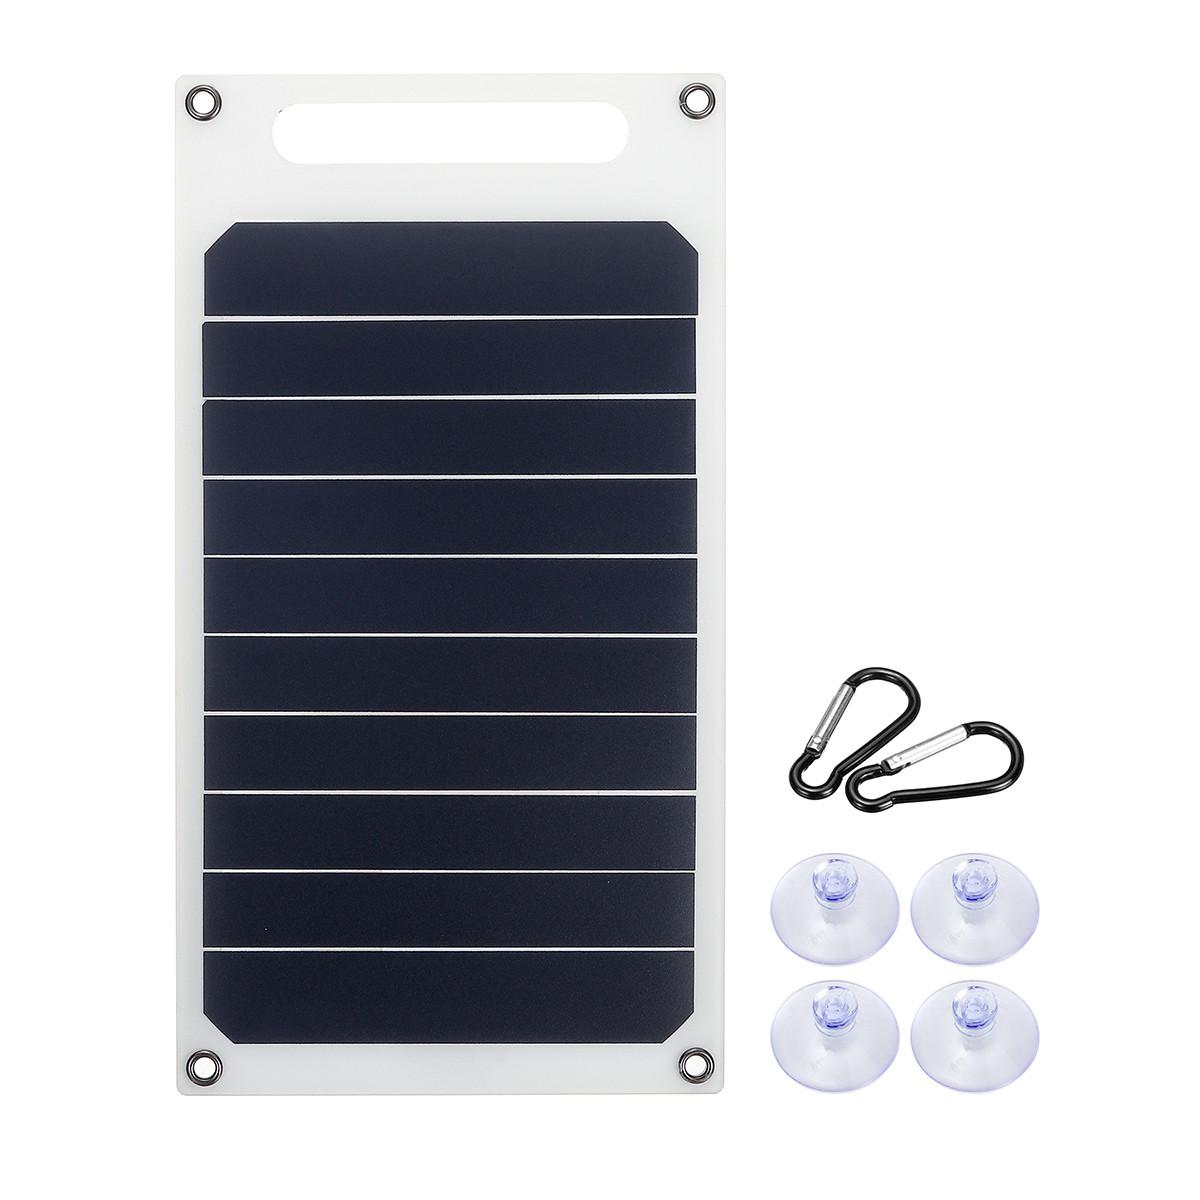 6 В 10 Вт 1.7A Портативный Монокристаллический Солнечная Панель Тонкий и Свет USB Зарядное Устройство Зарядки Power Bank Pad - 1TopShop